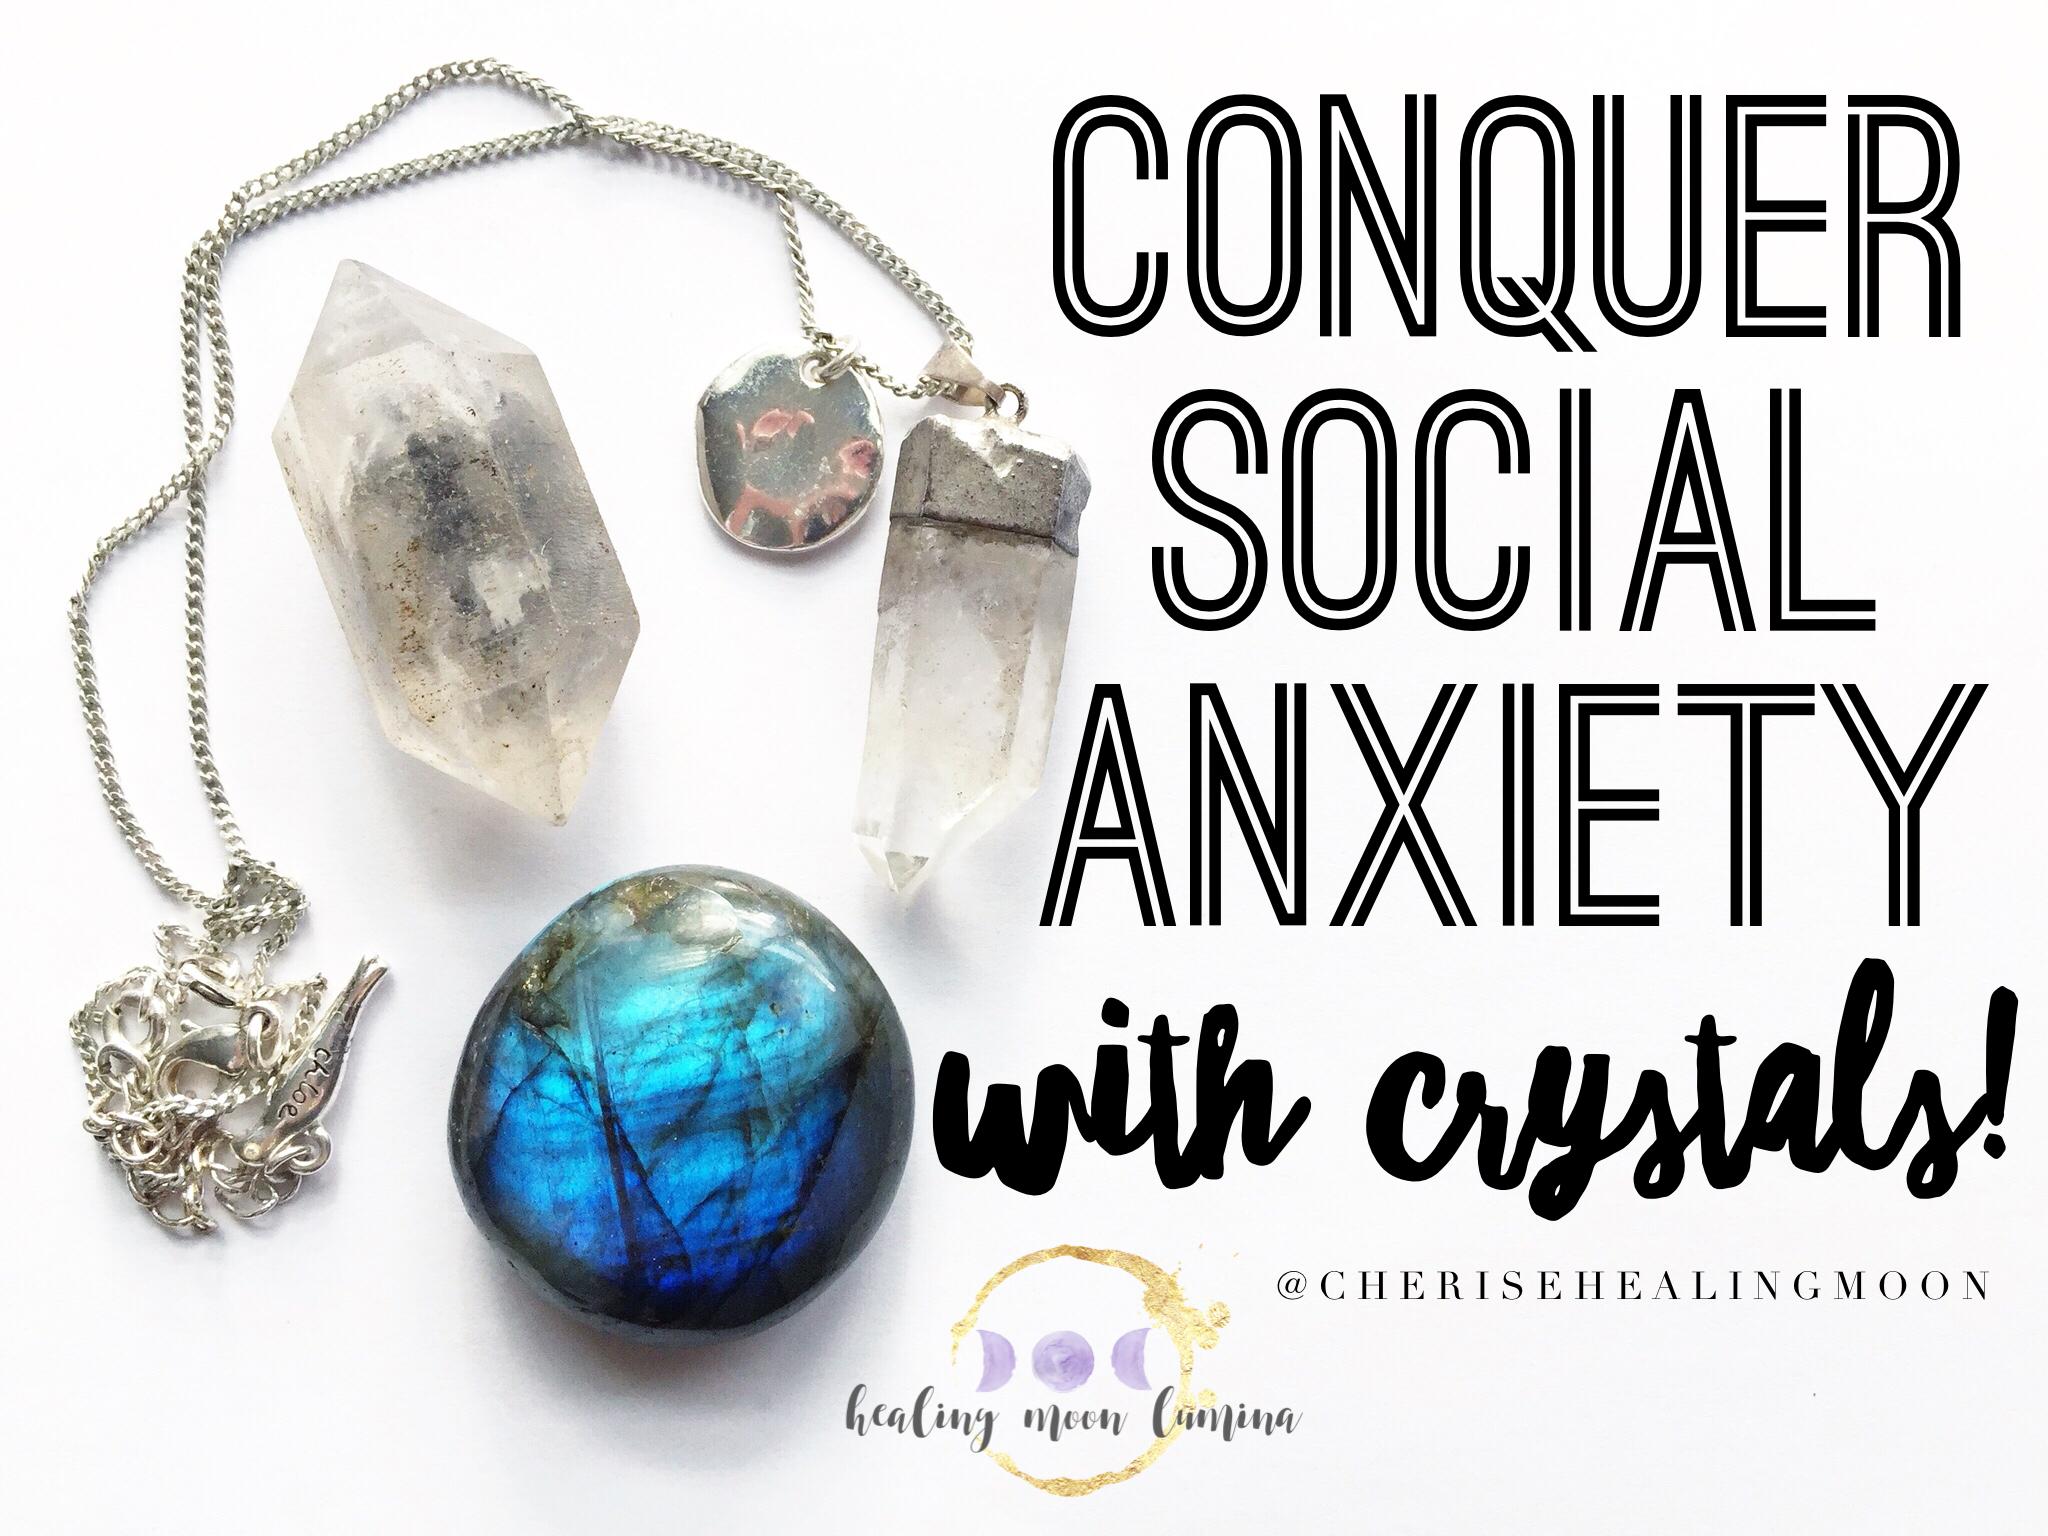 conquer social anxiety with crystals healing moon lumina